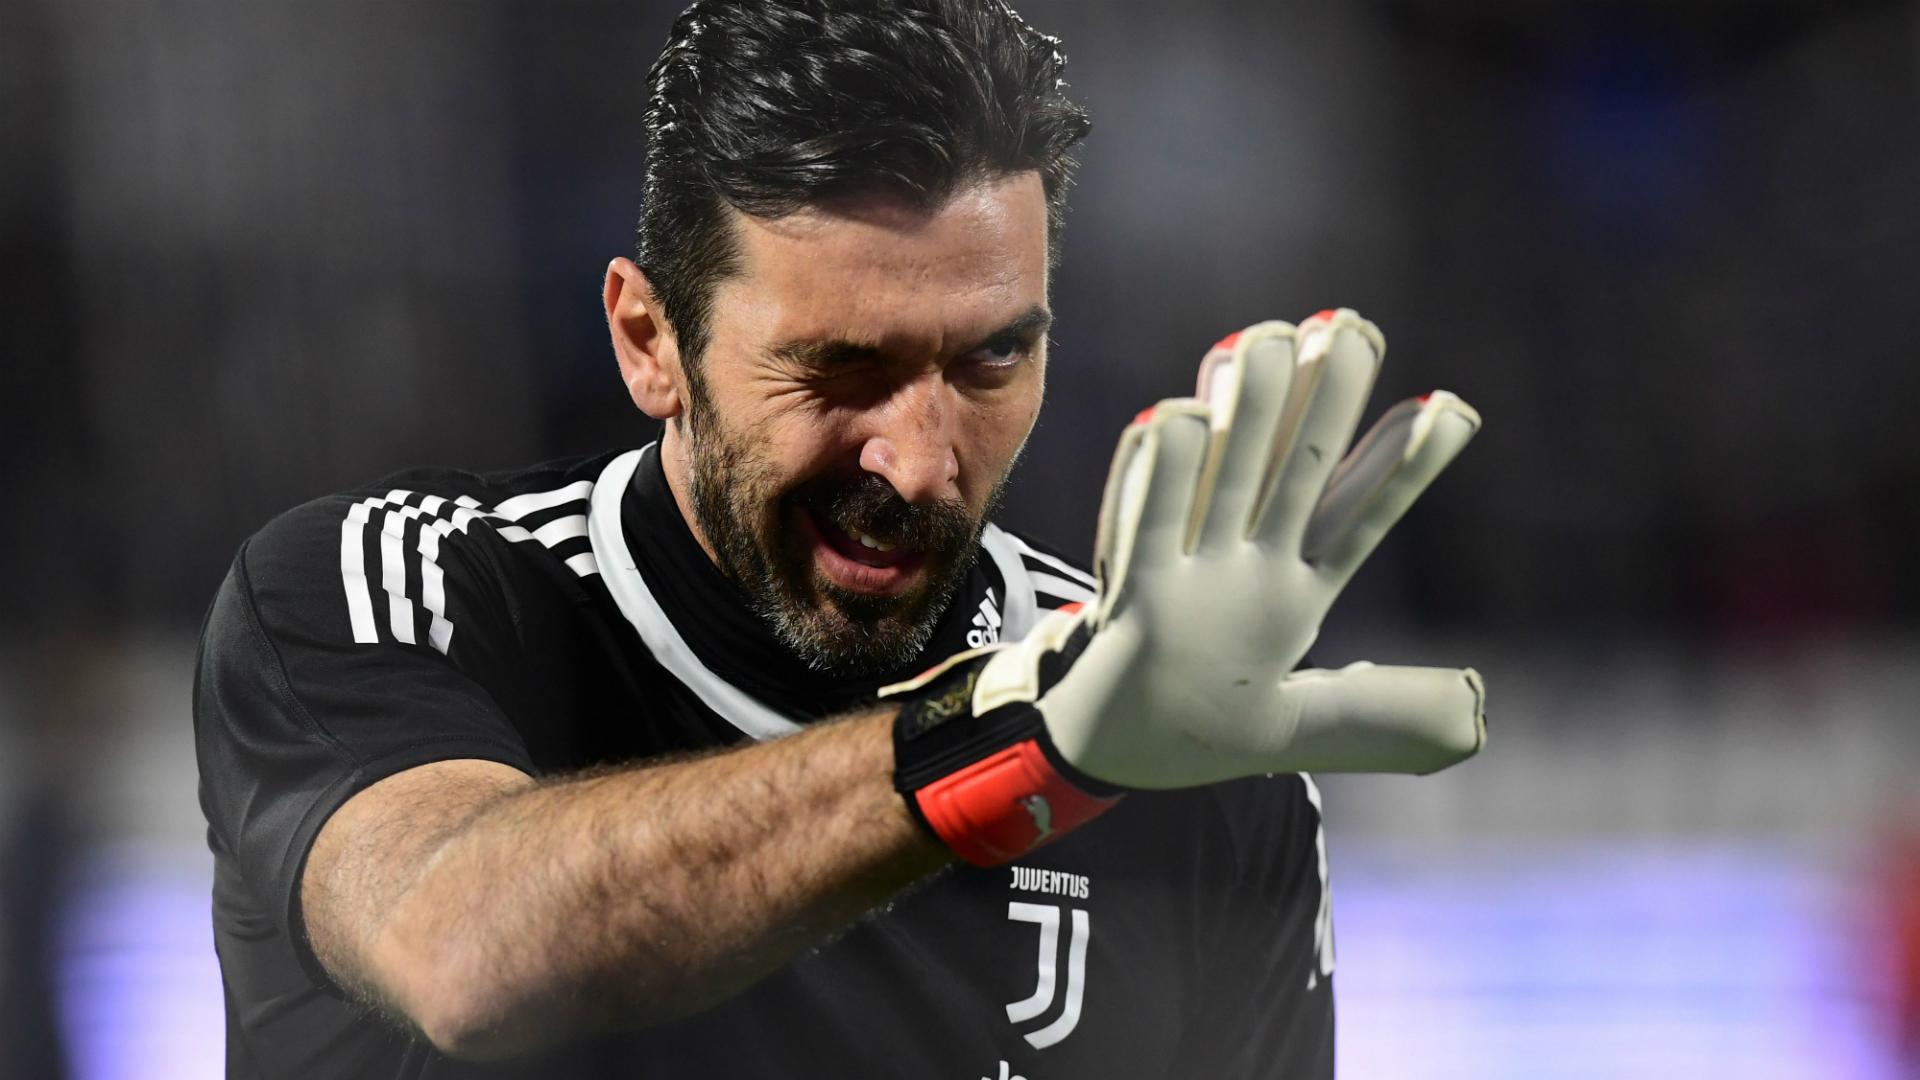 Verso #JuventusReal, Del Piero: